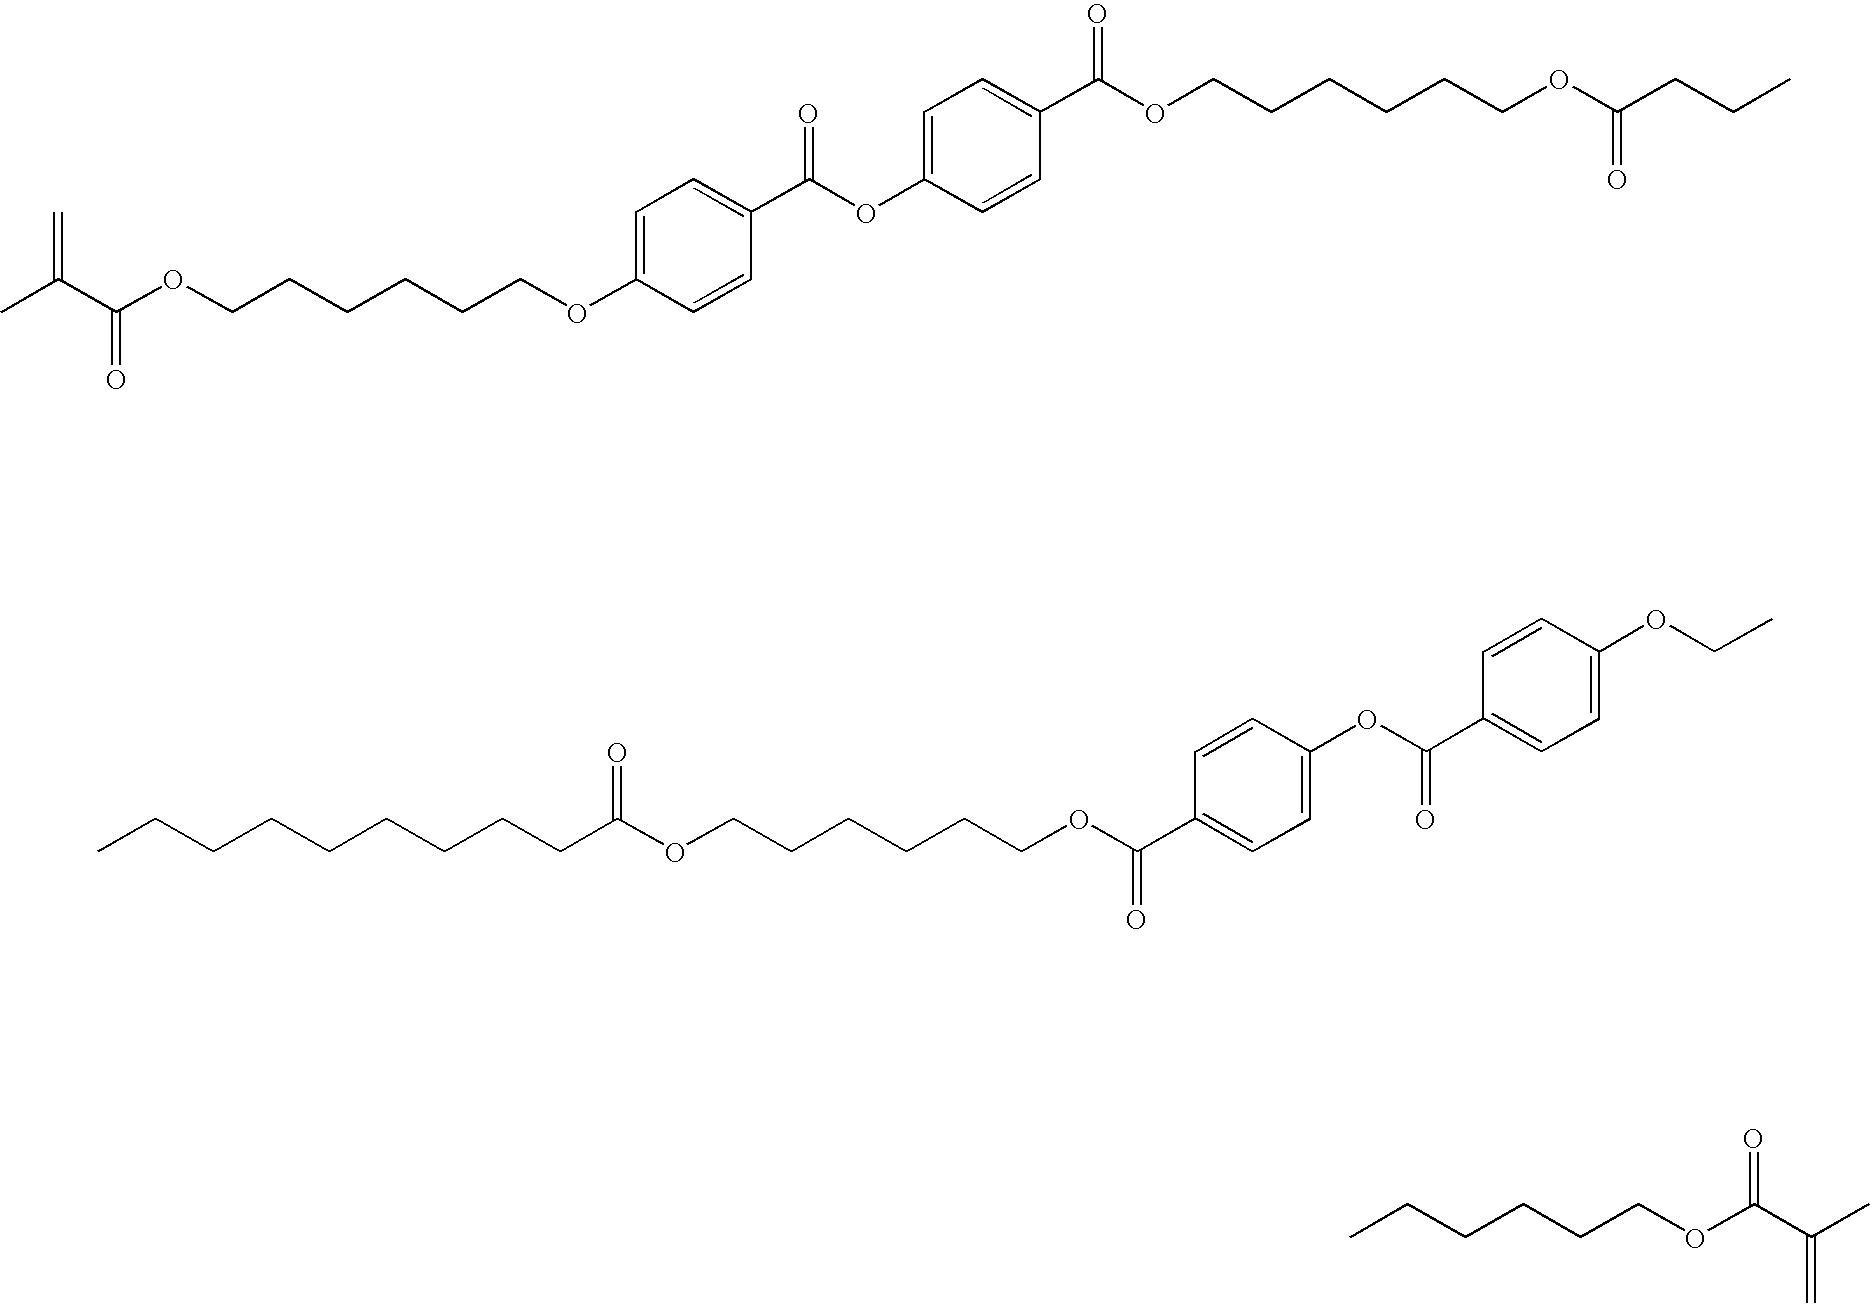 Figure US20100014010A1-20100121-C00026